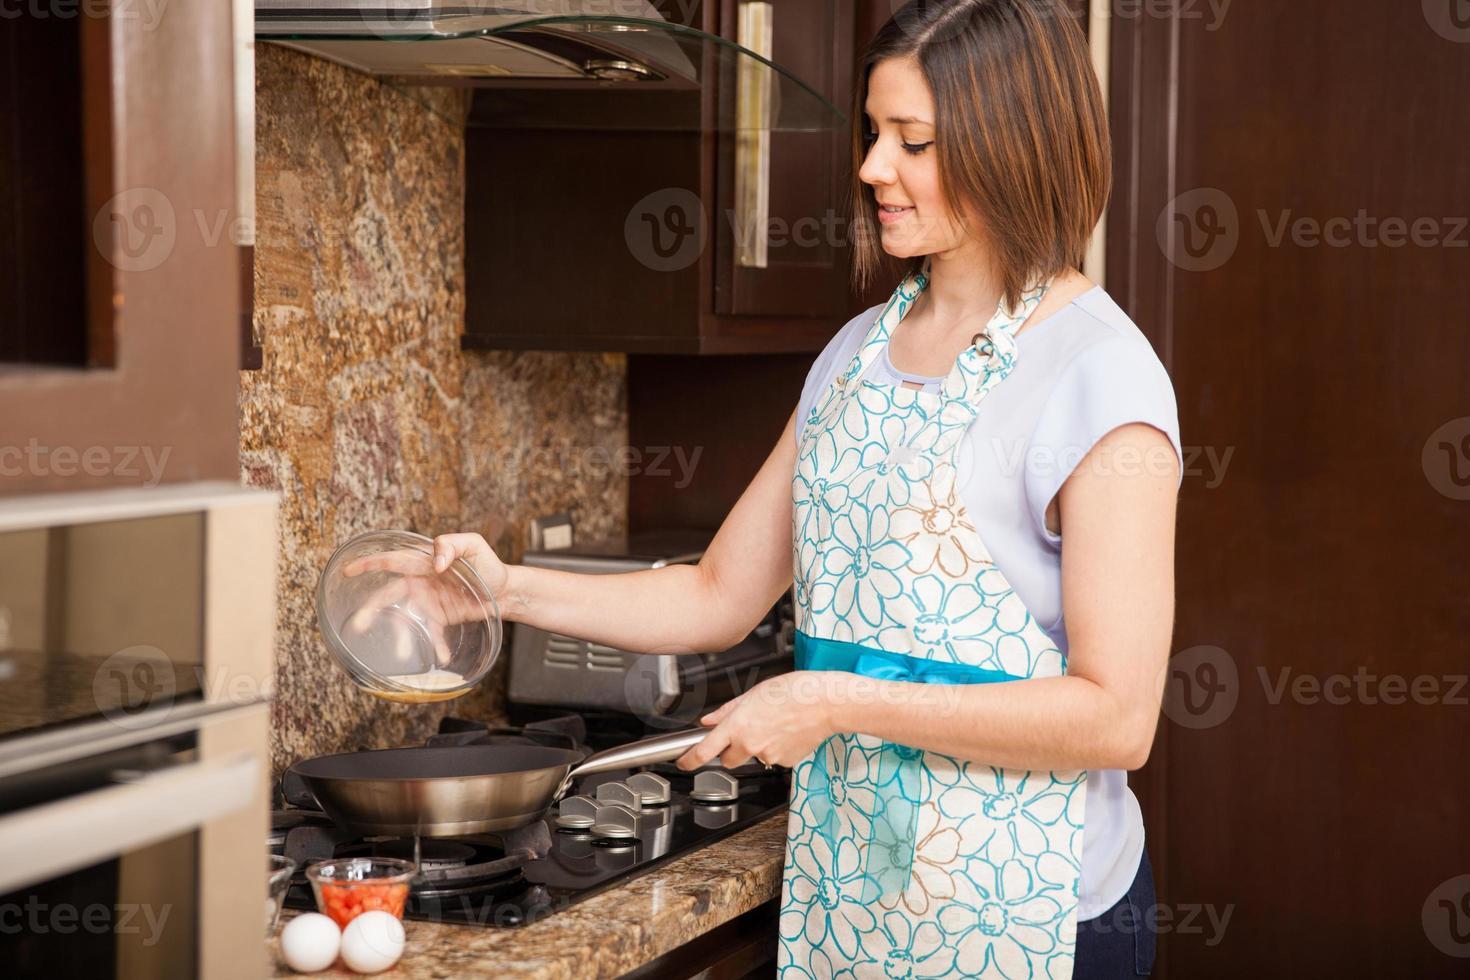 freír unos huevos en la cocina foto